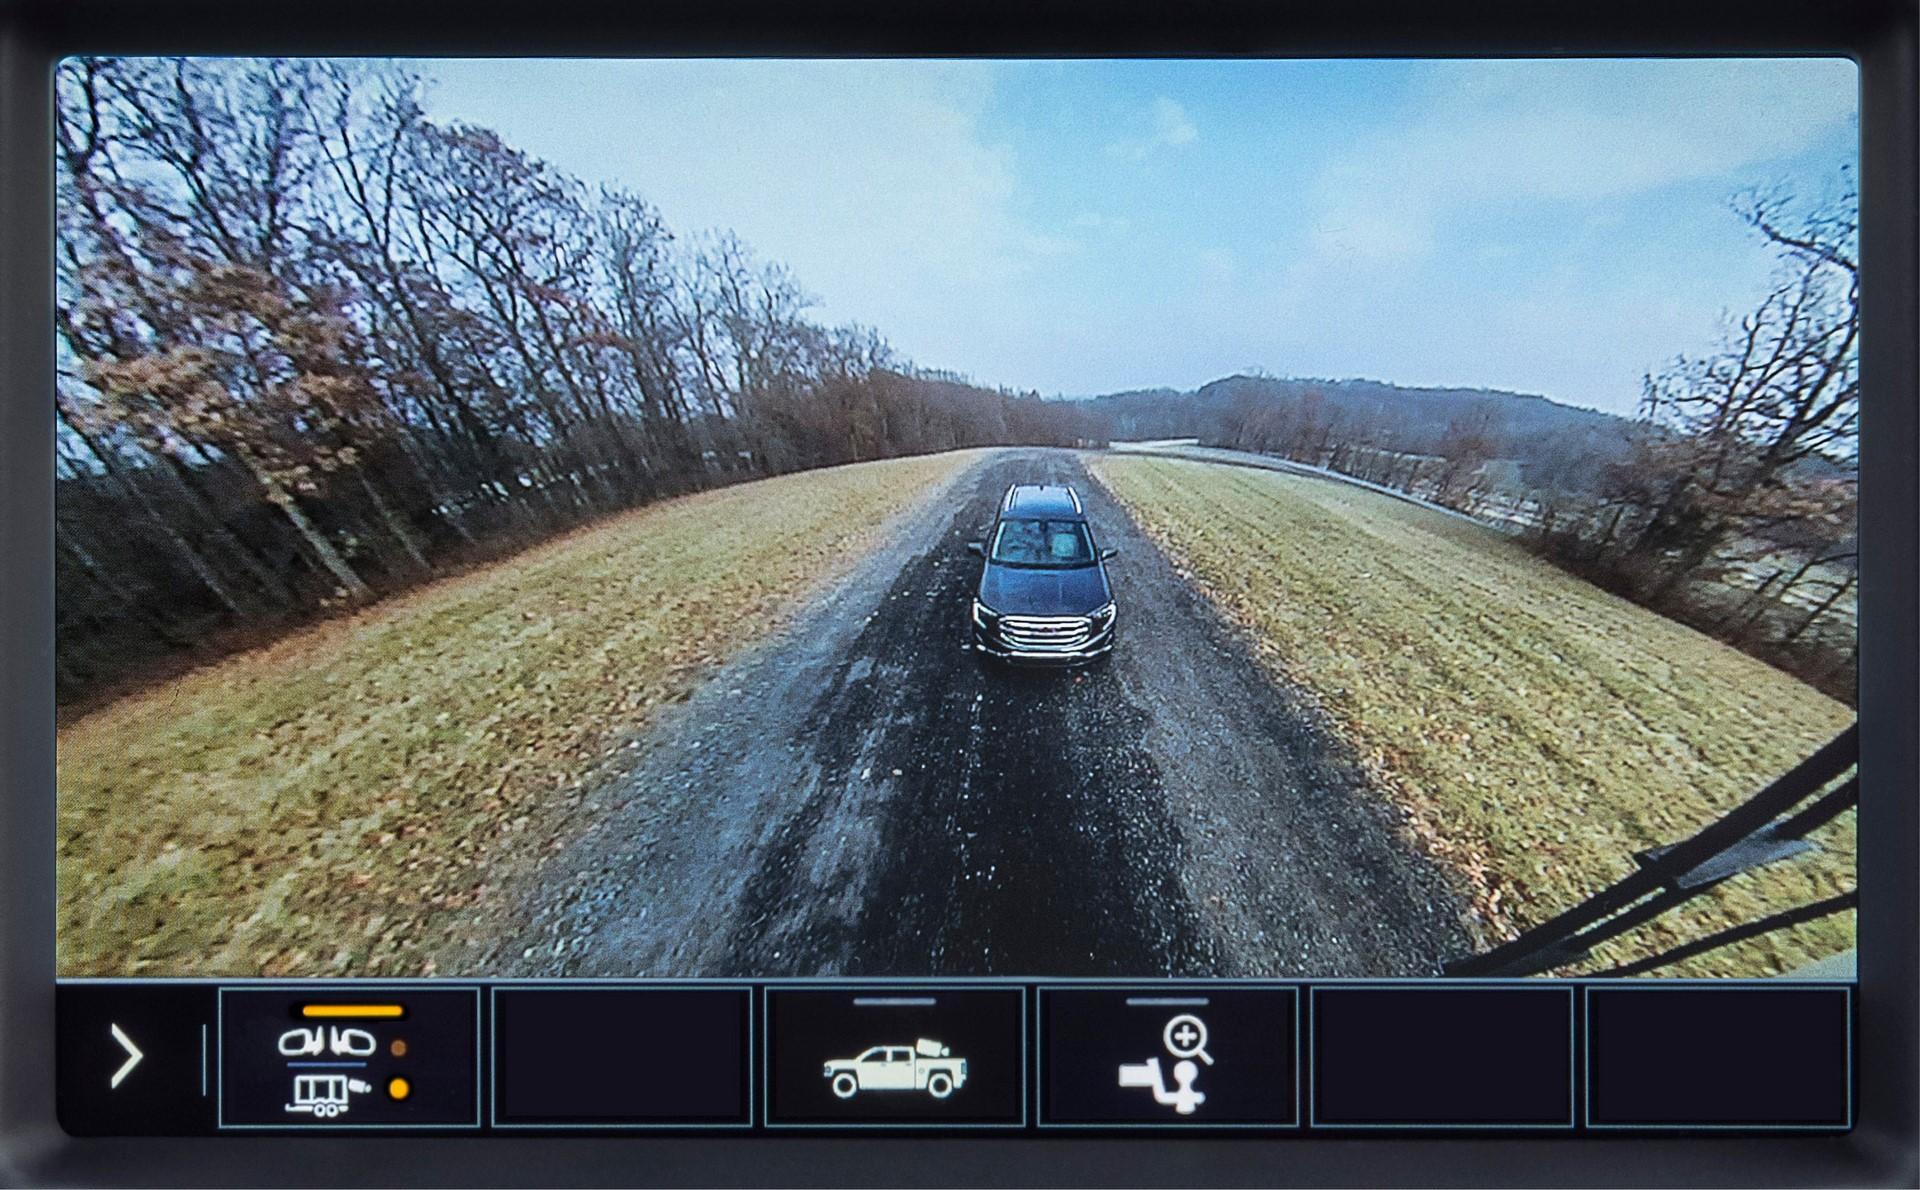 2020 GMC Sierra HD Rear Trailer Camera View